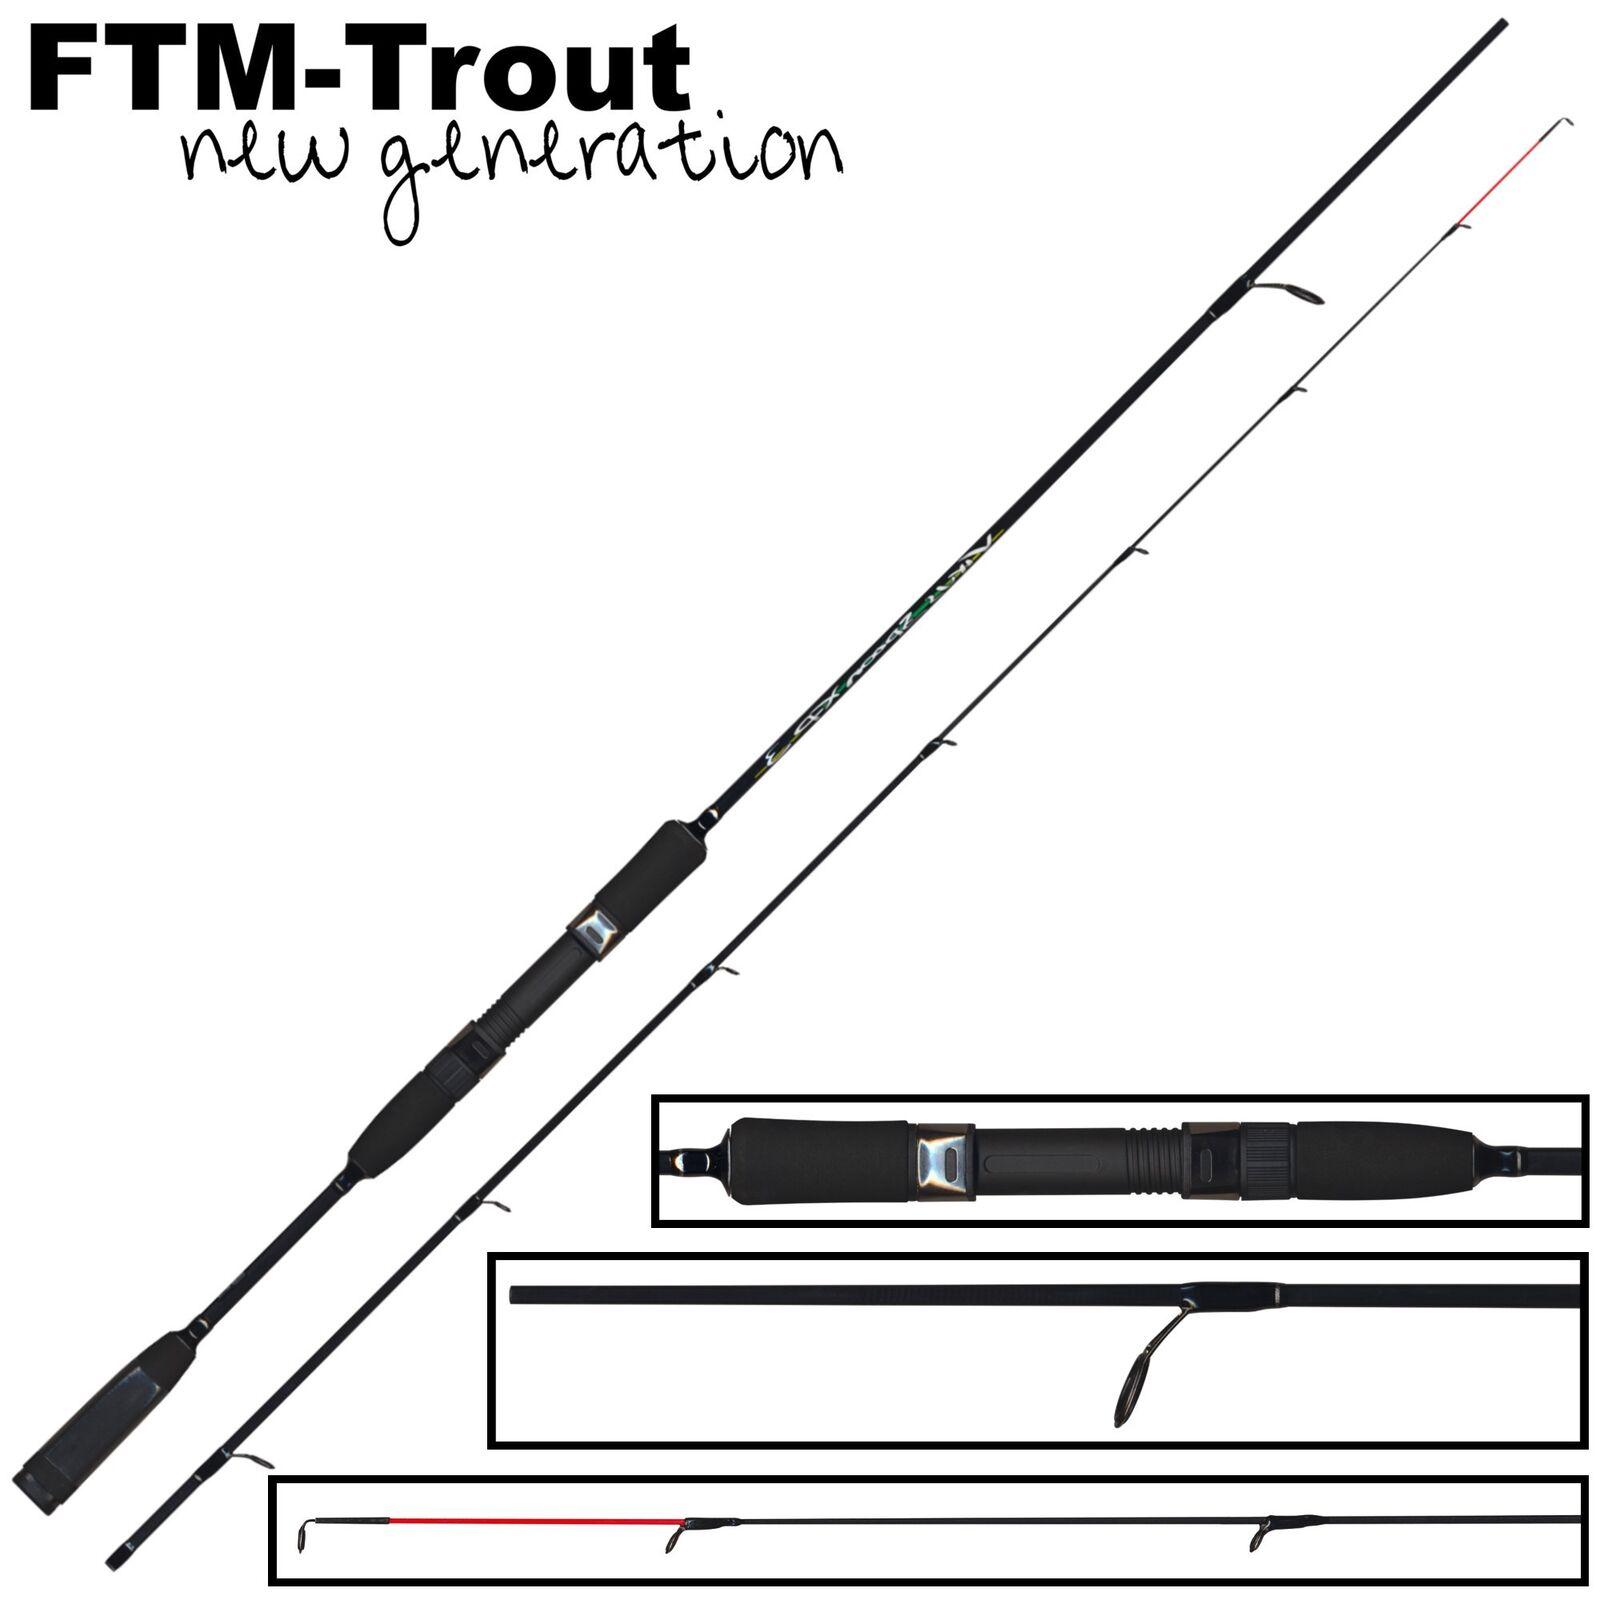 FTM Virus Spoon XP 3 2,20m 2-10g - Forellenrute zum Spinnfischen, Spinnrute